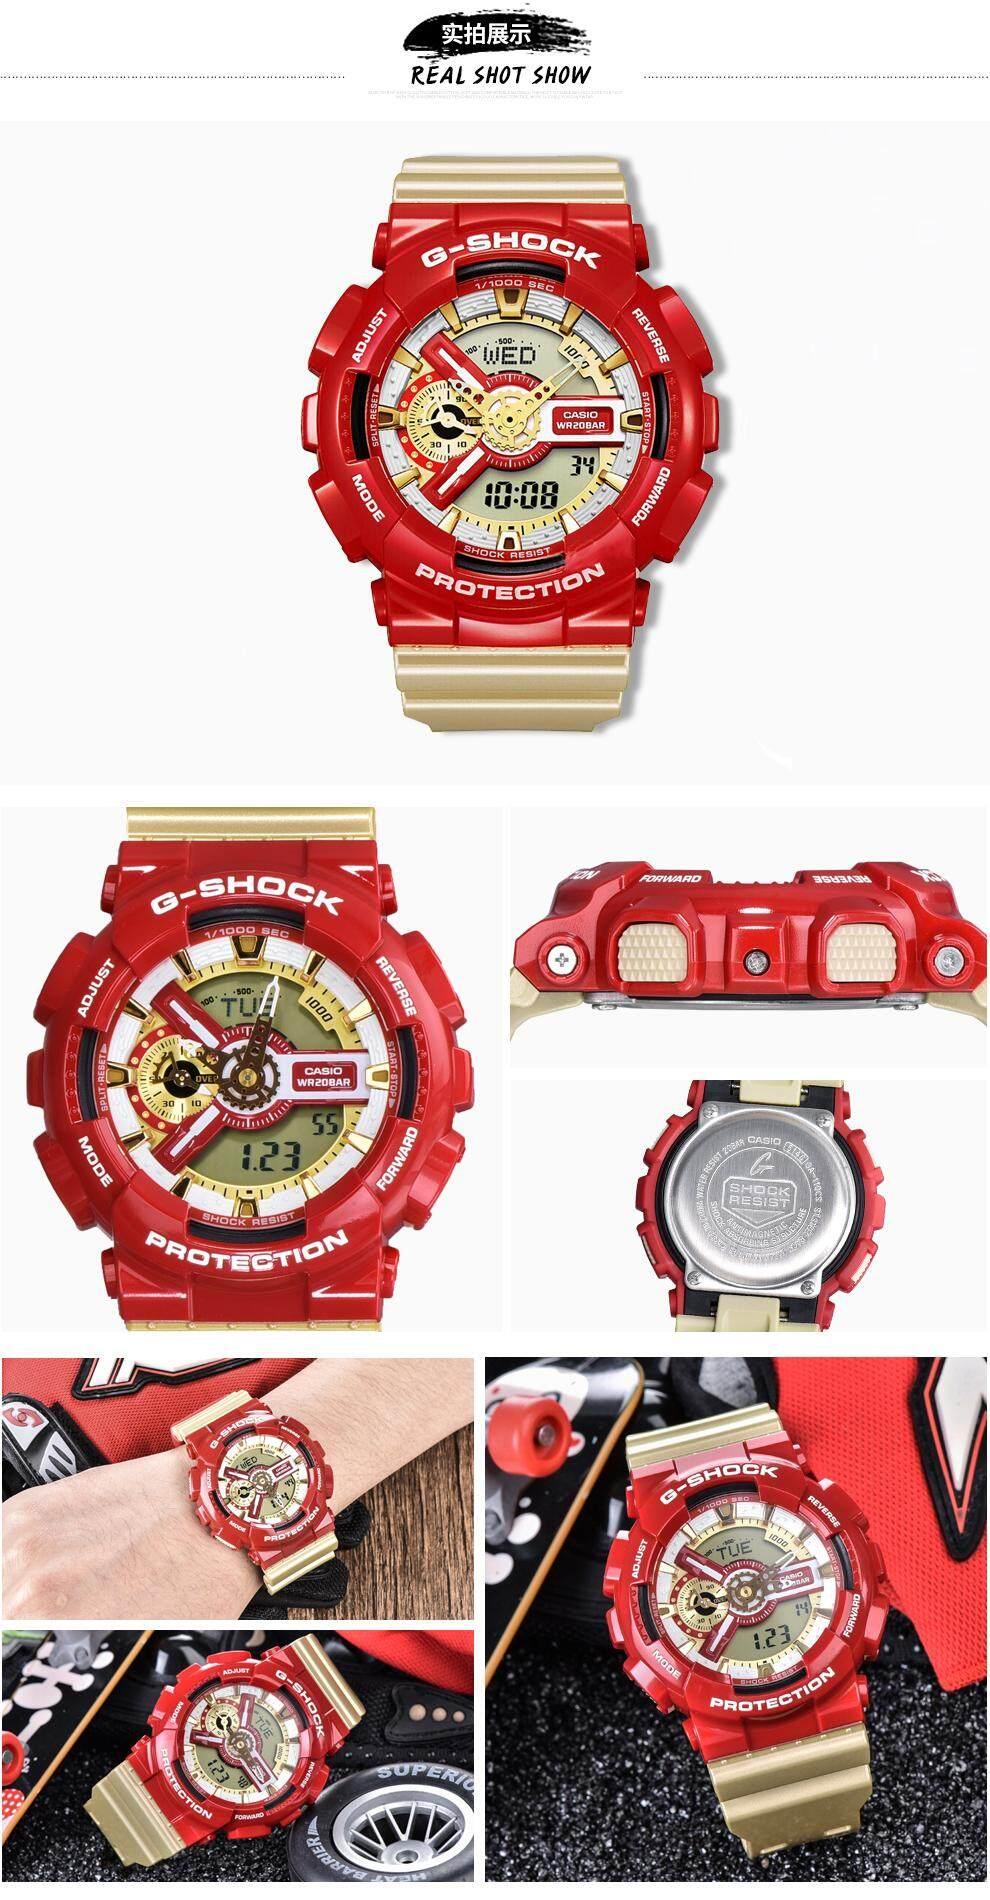 สอนใช้งาน  จันทบุรี 【 STOCK】Original _ Casio_G-Shock นาฬิกาข้อมือผู้ชายผู้หญิงนาฬิกากีฬาอิเล็กทรอนิกส์ Autolight และนาฬิกาดิจิตอลกีฬานาฬิกาเรซิน GA-110CS-4A